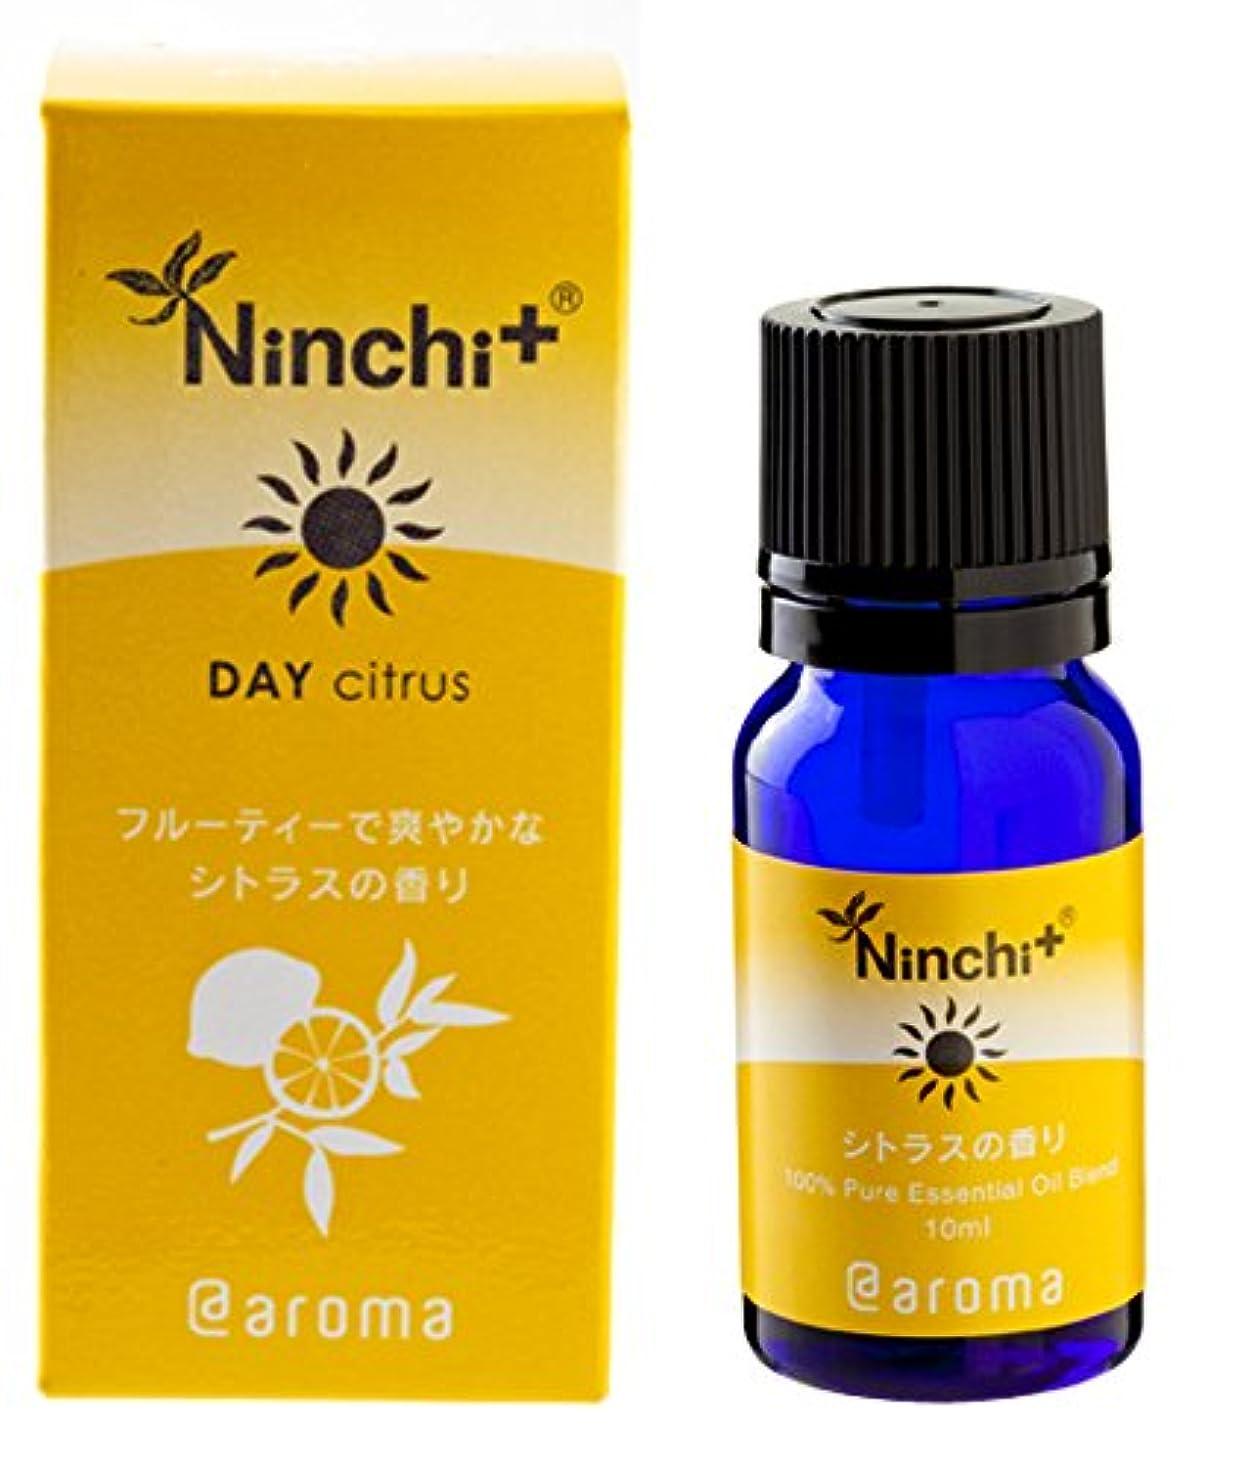 分析的プログラム優先Ninchi+ Day シトラス10ml